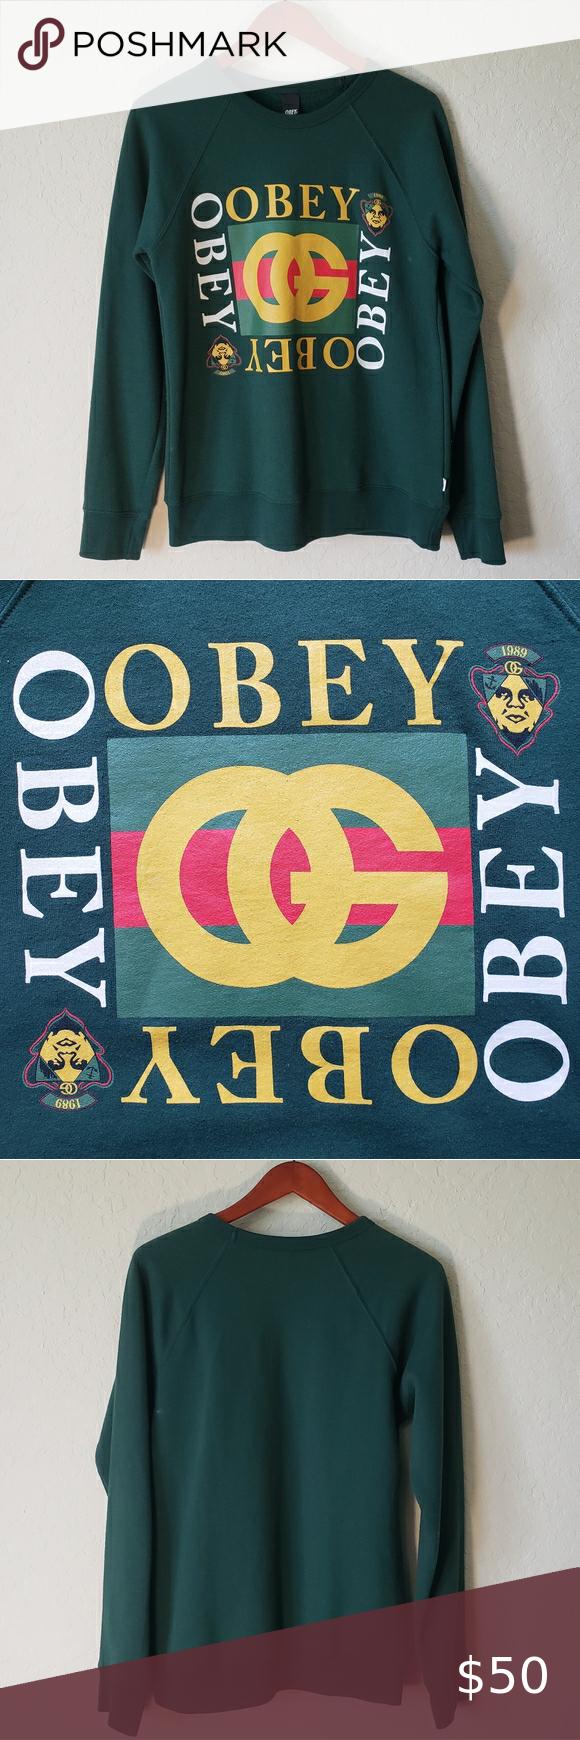 Vintage Obey Logo Og Gucci Crewneck Sweatshirt Obey Gucci Inspired Logo Og Made In Usa Green Small Crewnec Sweatshirts Crew Neck Sweatshirt Sweaters Crewneck [ 1740 x 580 Pixel ]